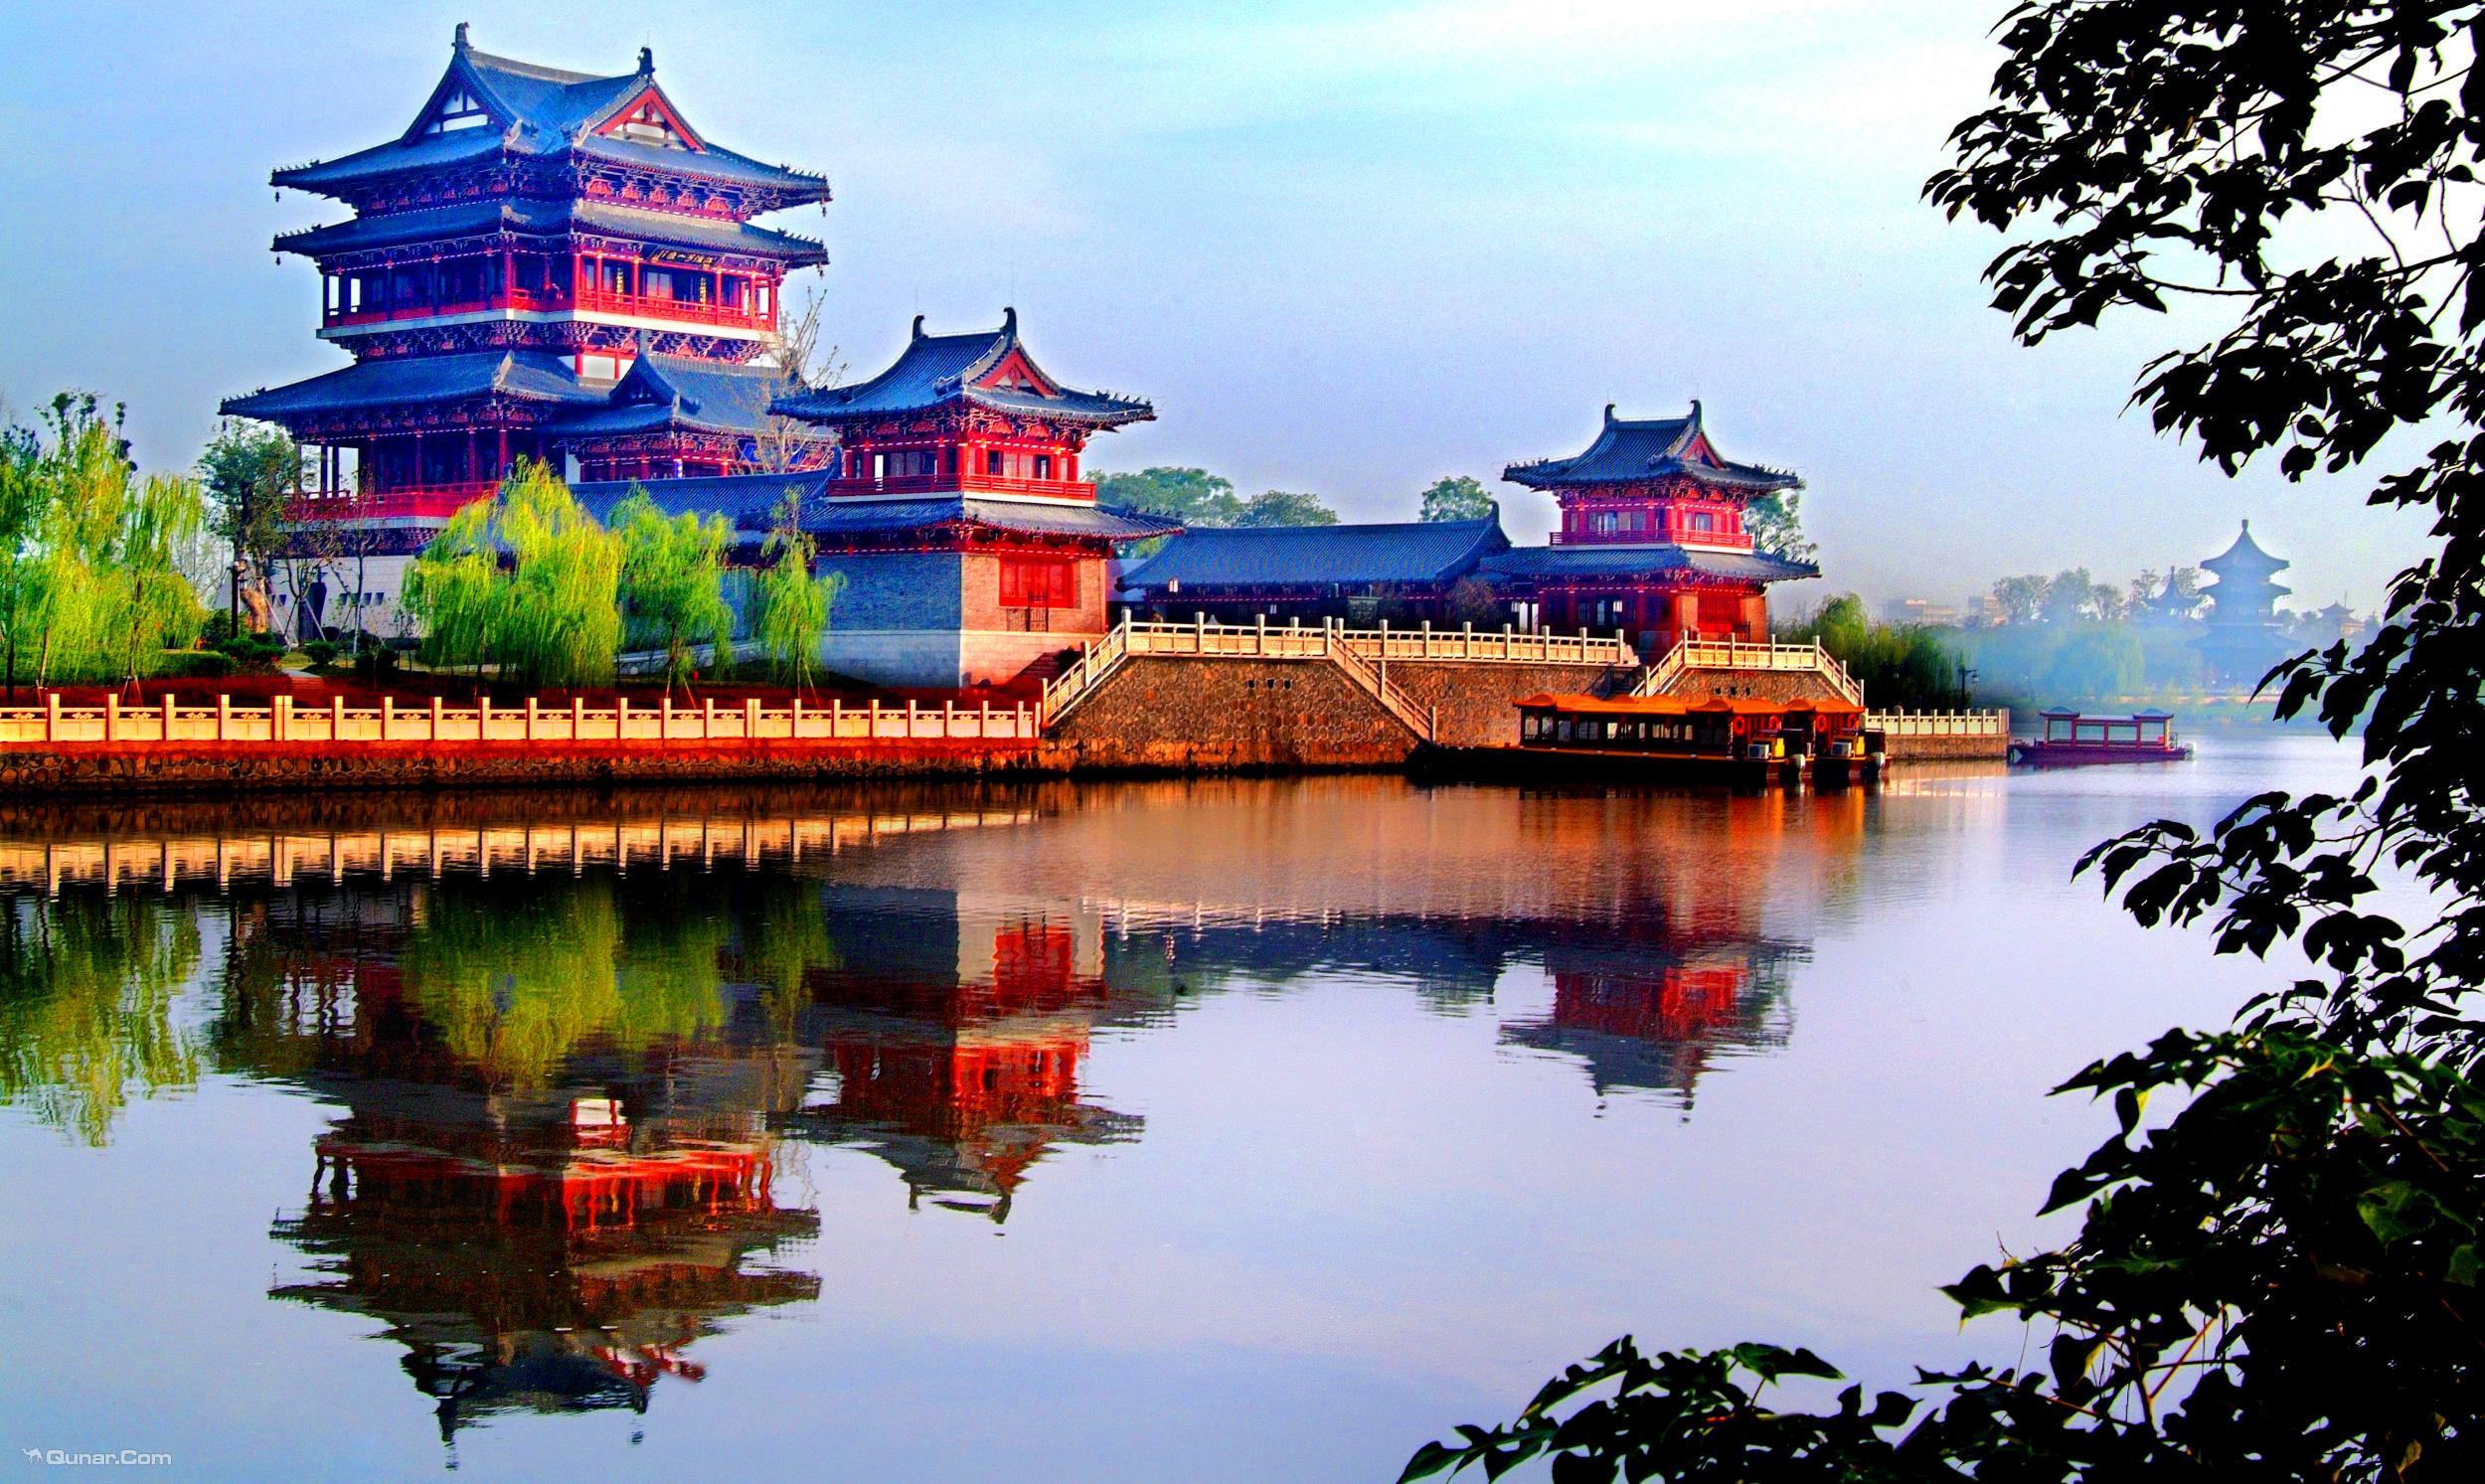 上海周邊推薦_上海泰州旅游地點_上海周邊1日游景點